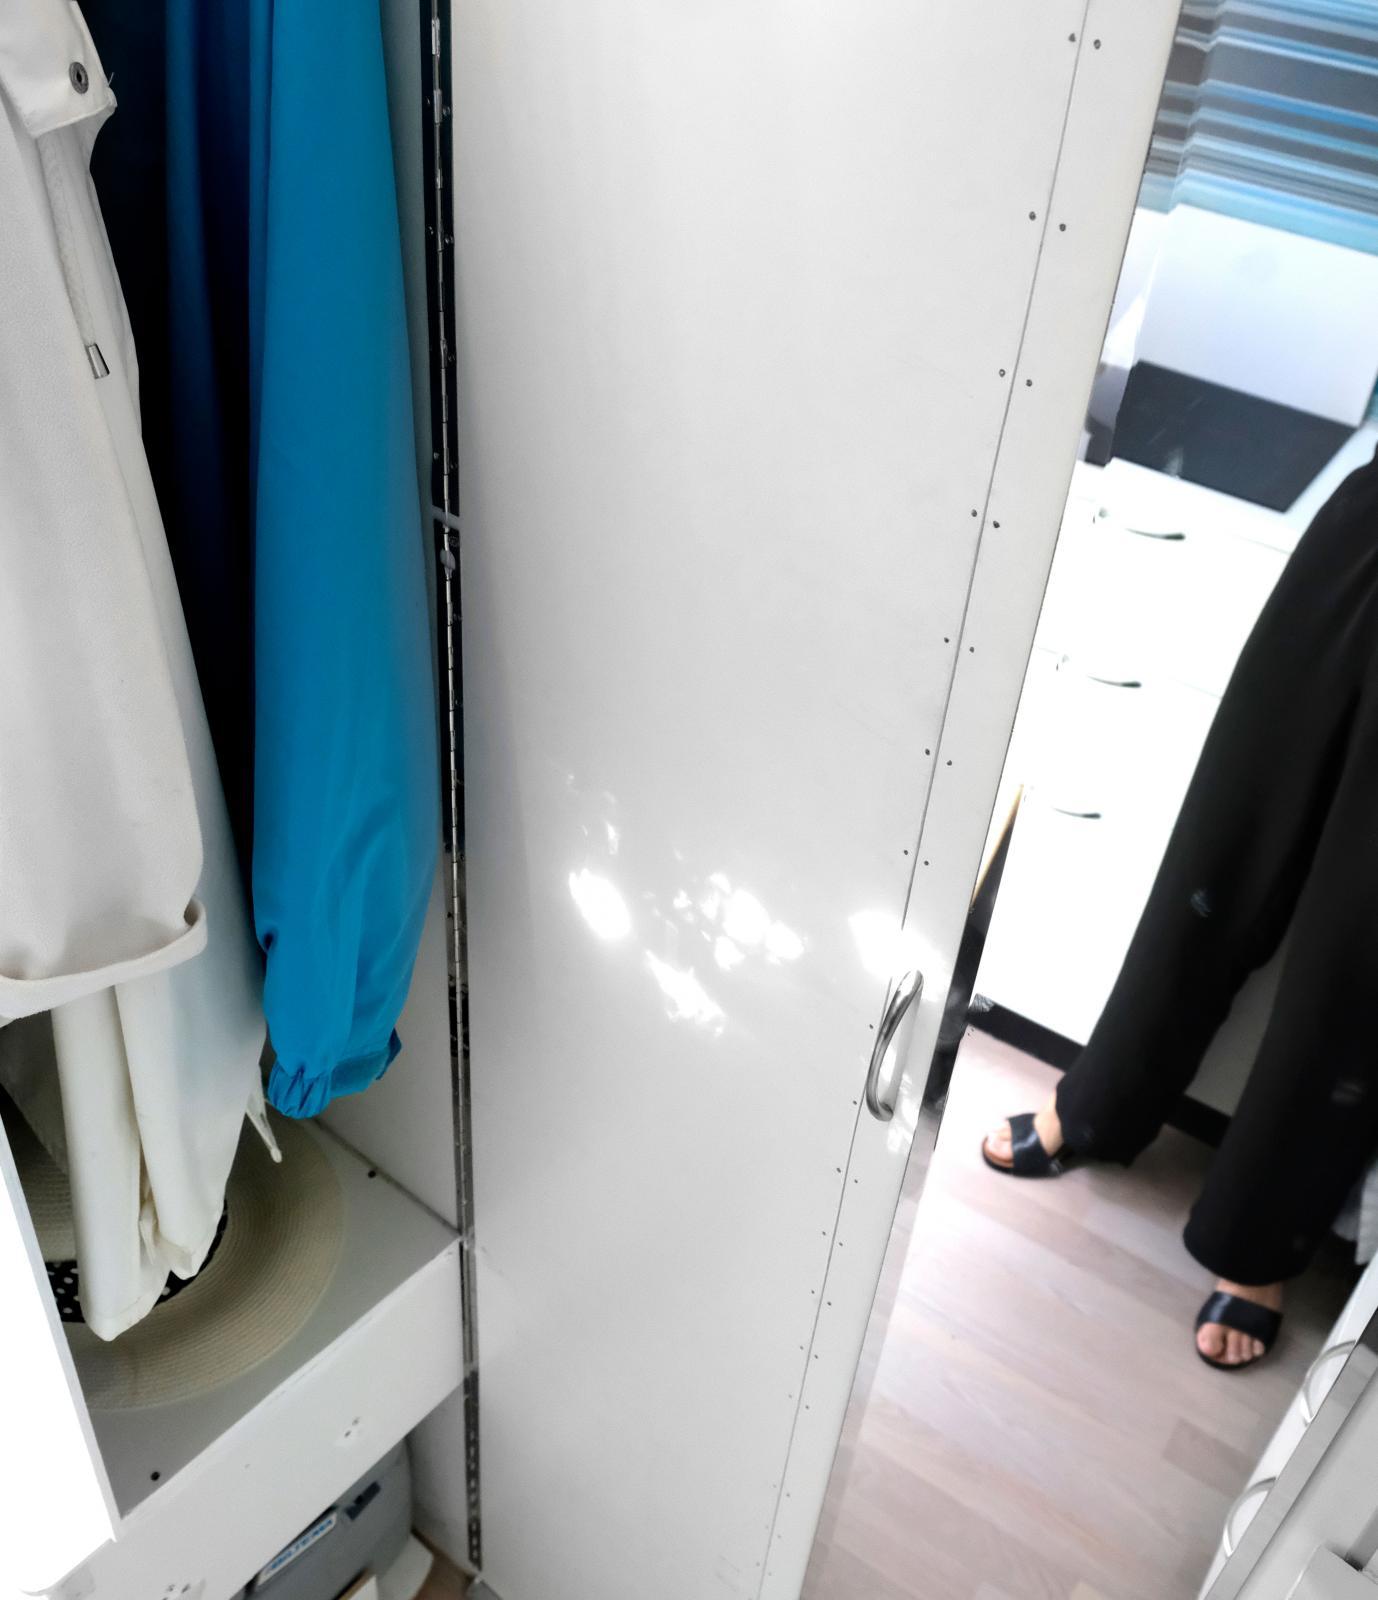 Garderobsdörr som kan vikas ut och skärma av bakre delen.